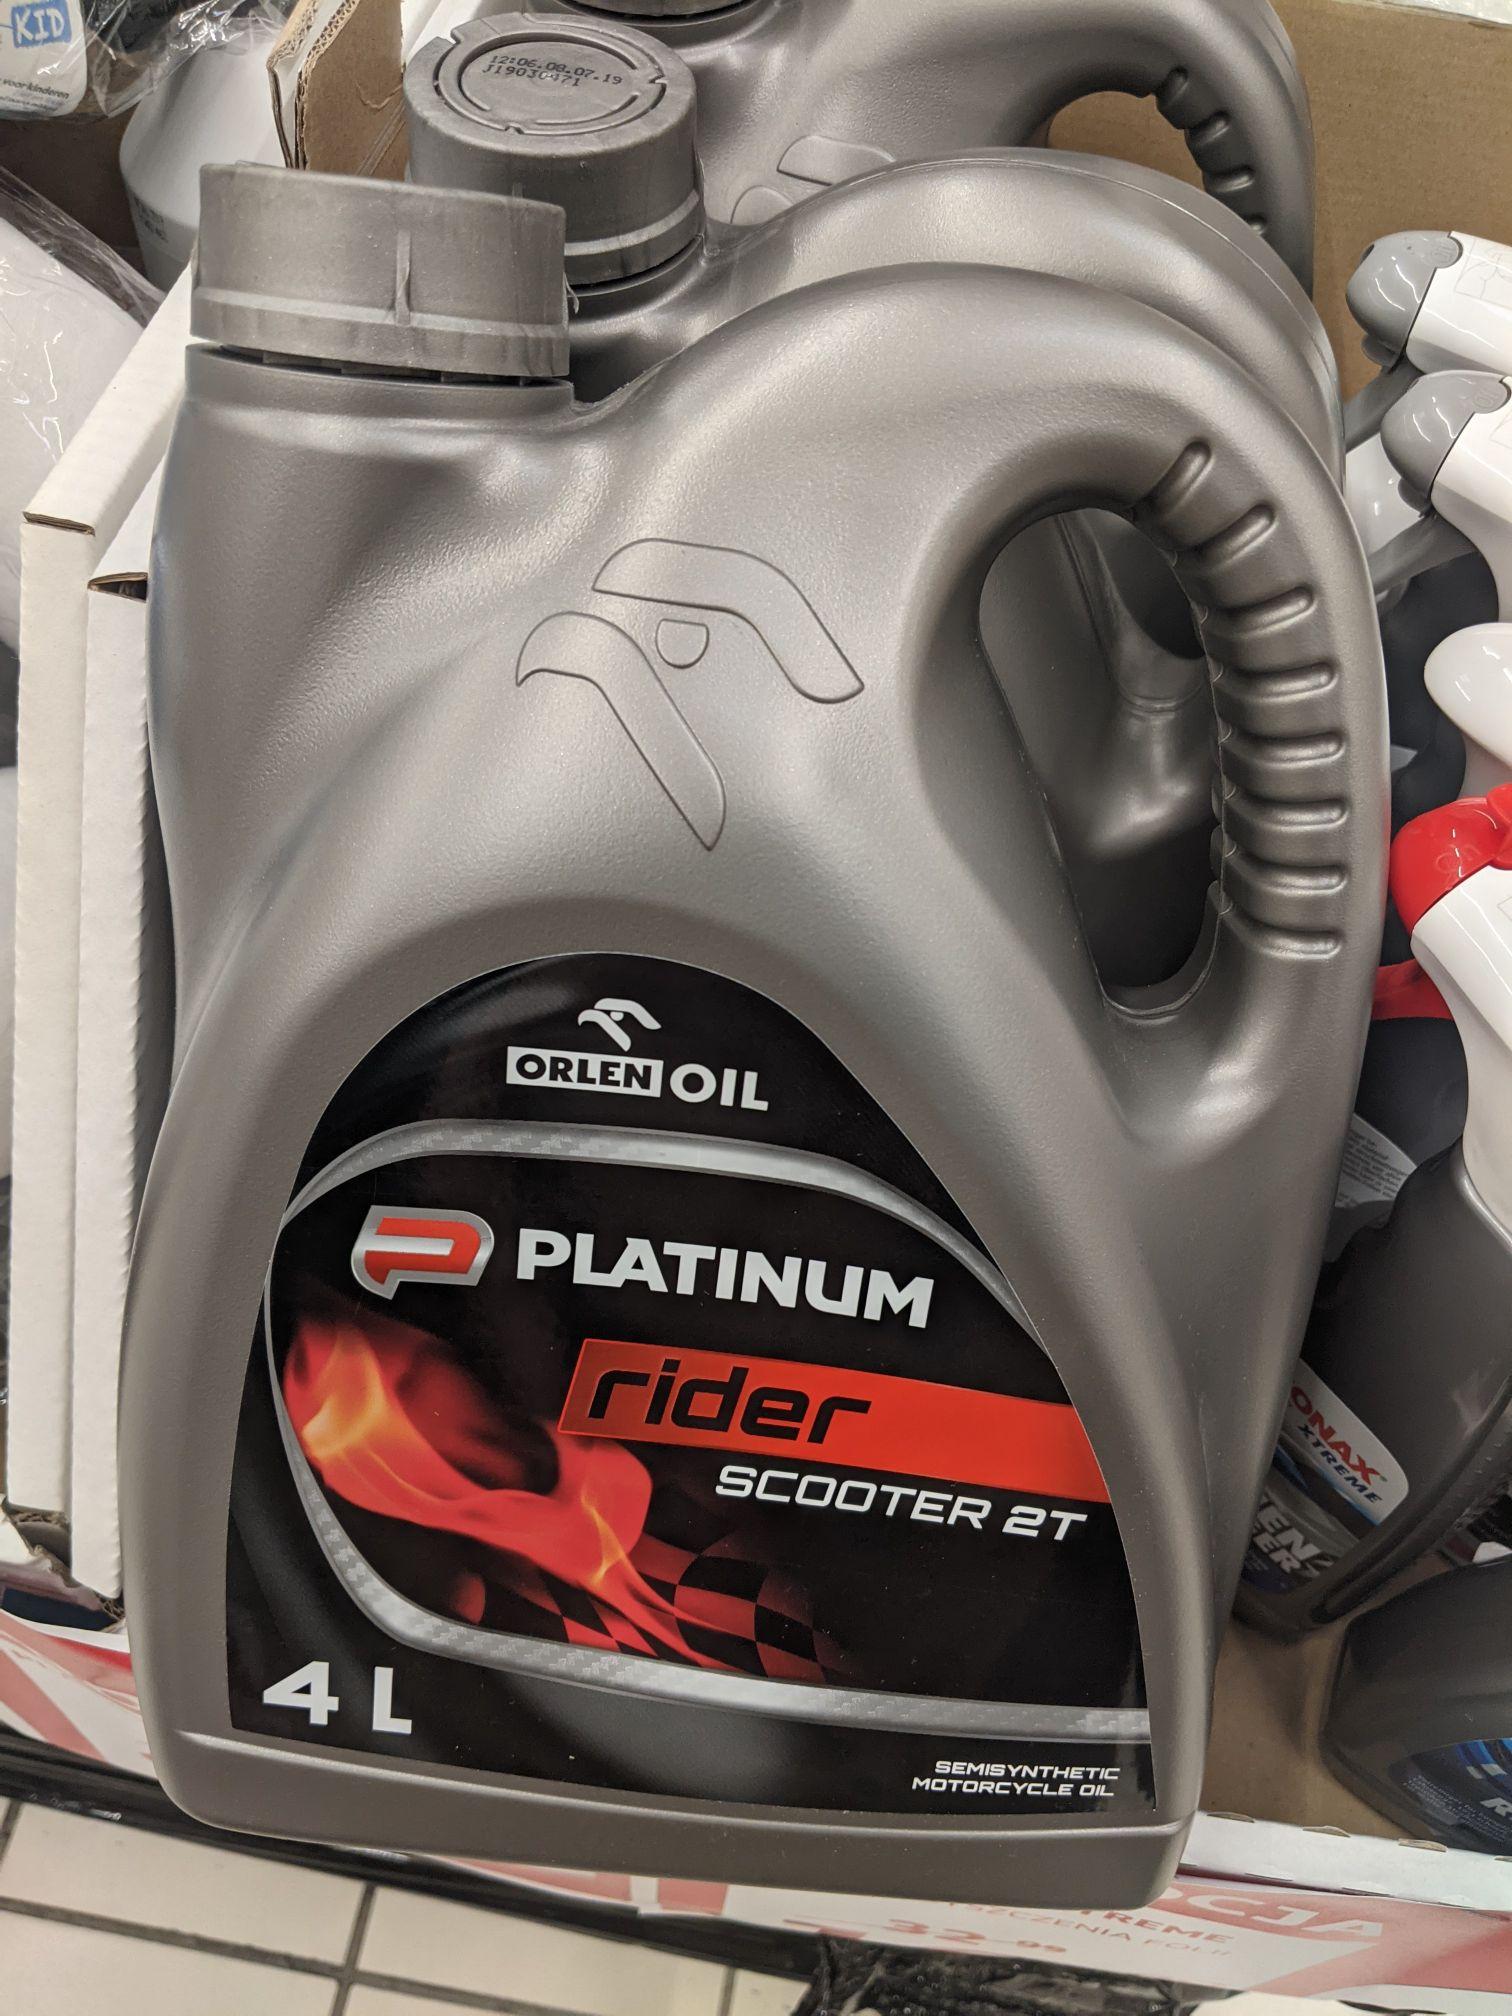 Półsyntetyczny olej Orlen Platinum Rider Scooter 2T 4litry, oraz inne produkty w wyprzedaży. Auchan Sosnowiec